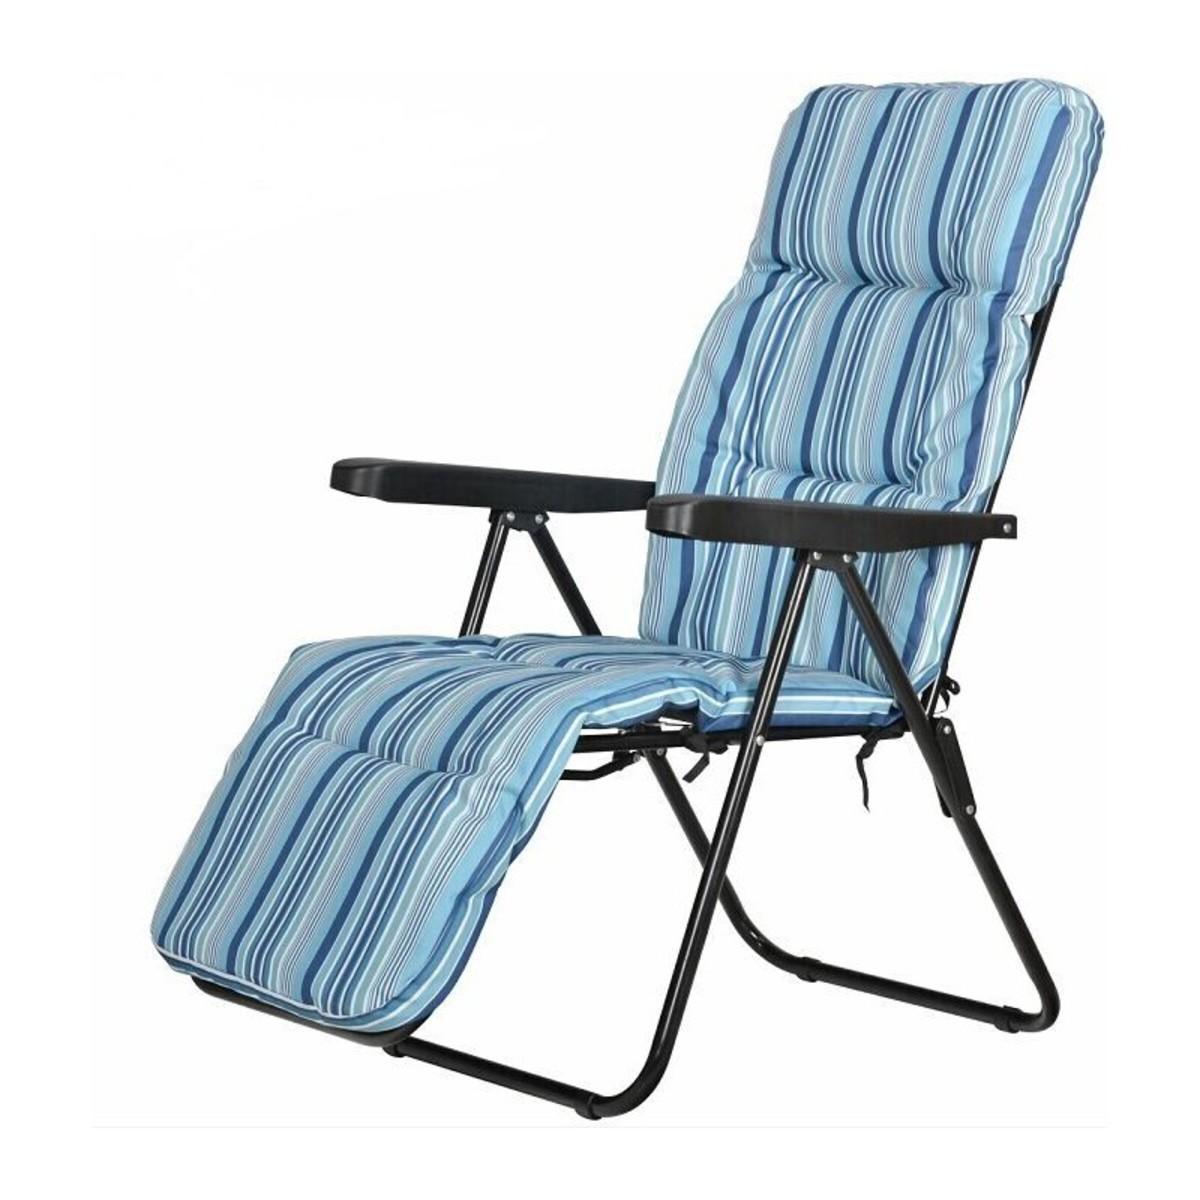 Кресло с подножкой складное 5 позиций цвет бело-синий